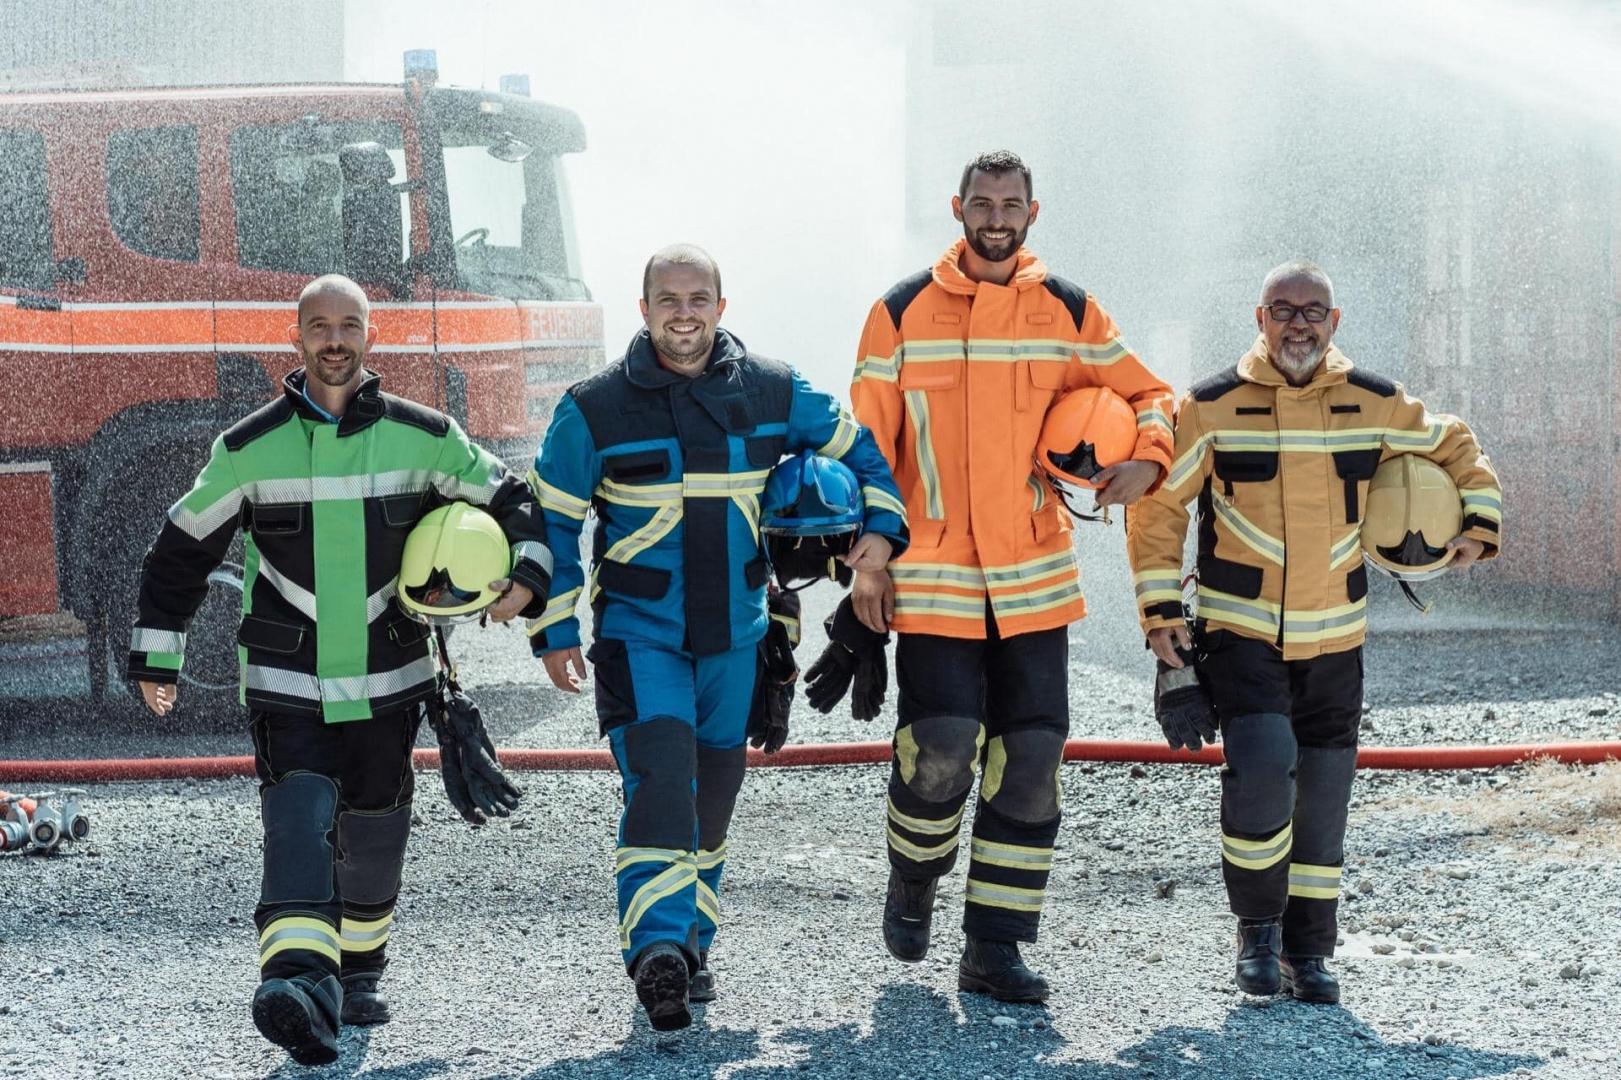 Feuerwehrleute machen mobil für die Politik